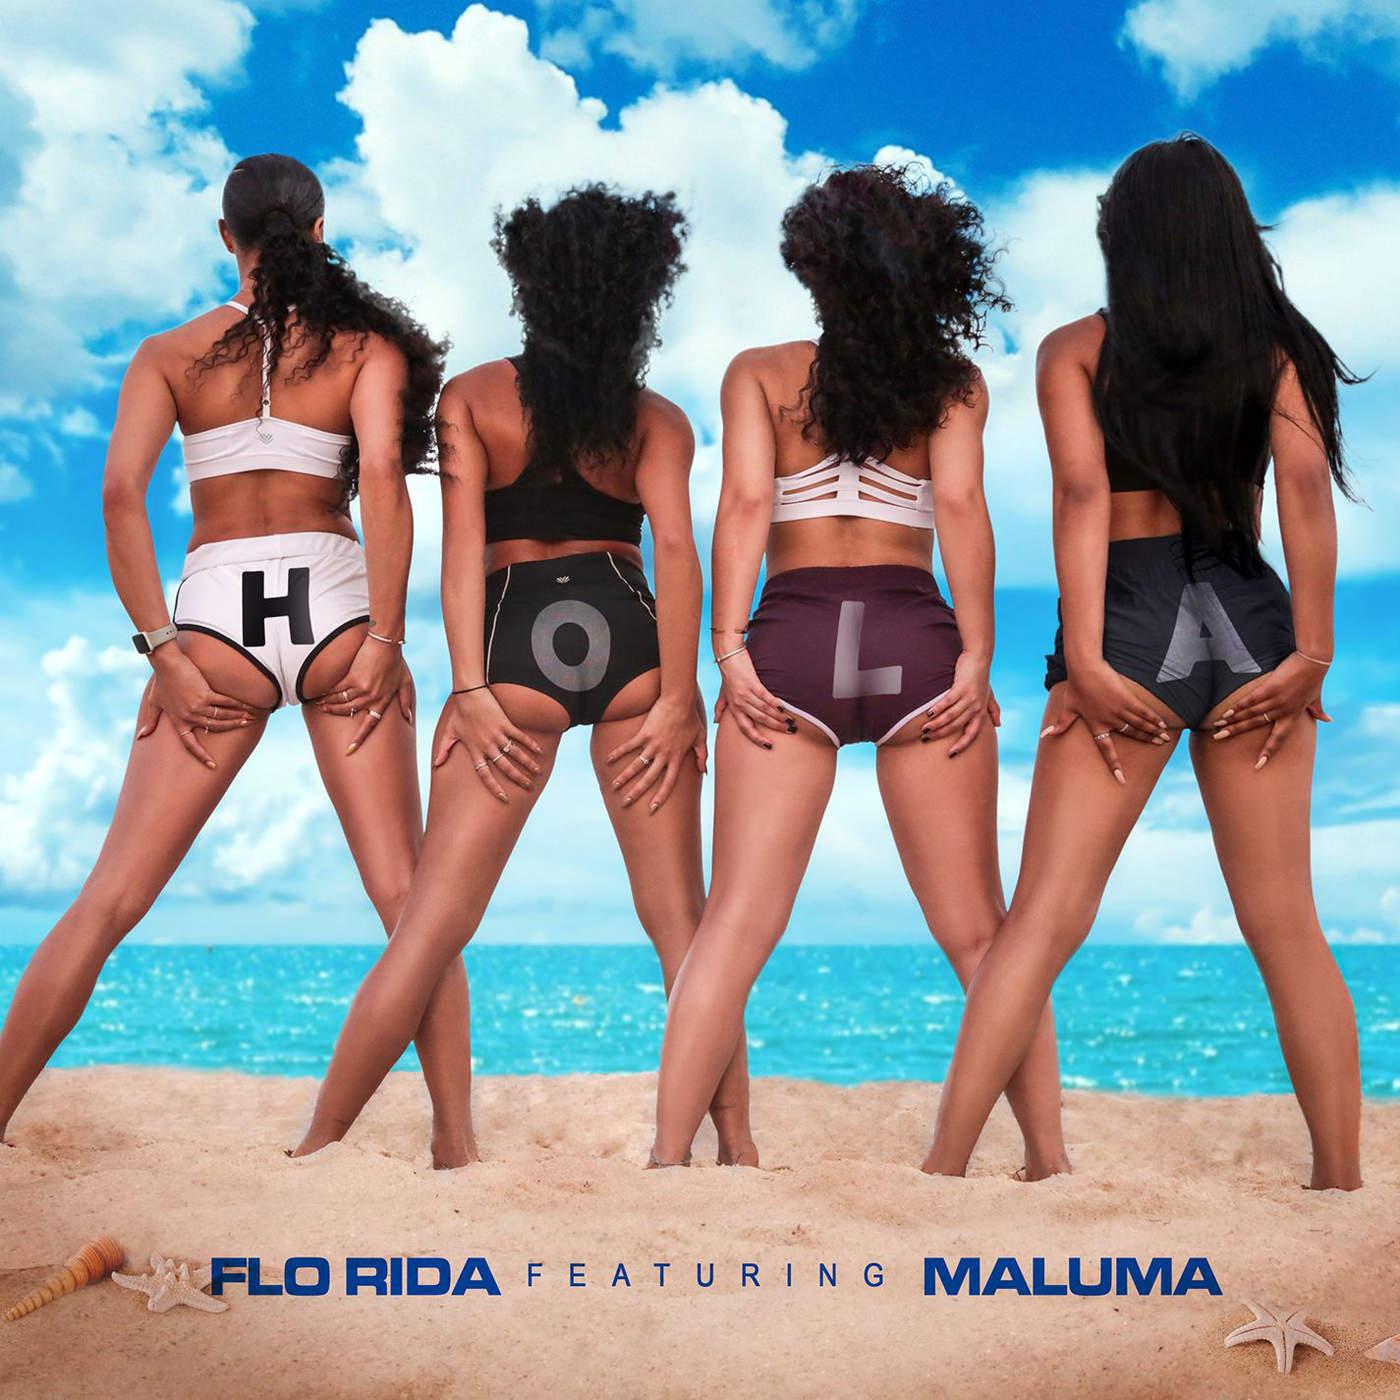 Flo Rida - Hola (feat. Maluma) - Single